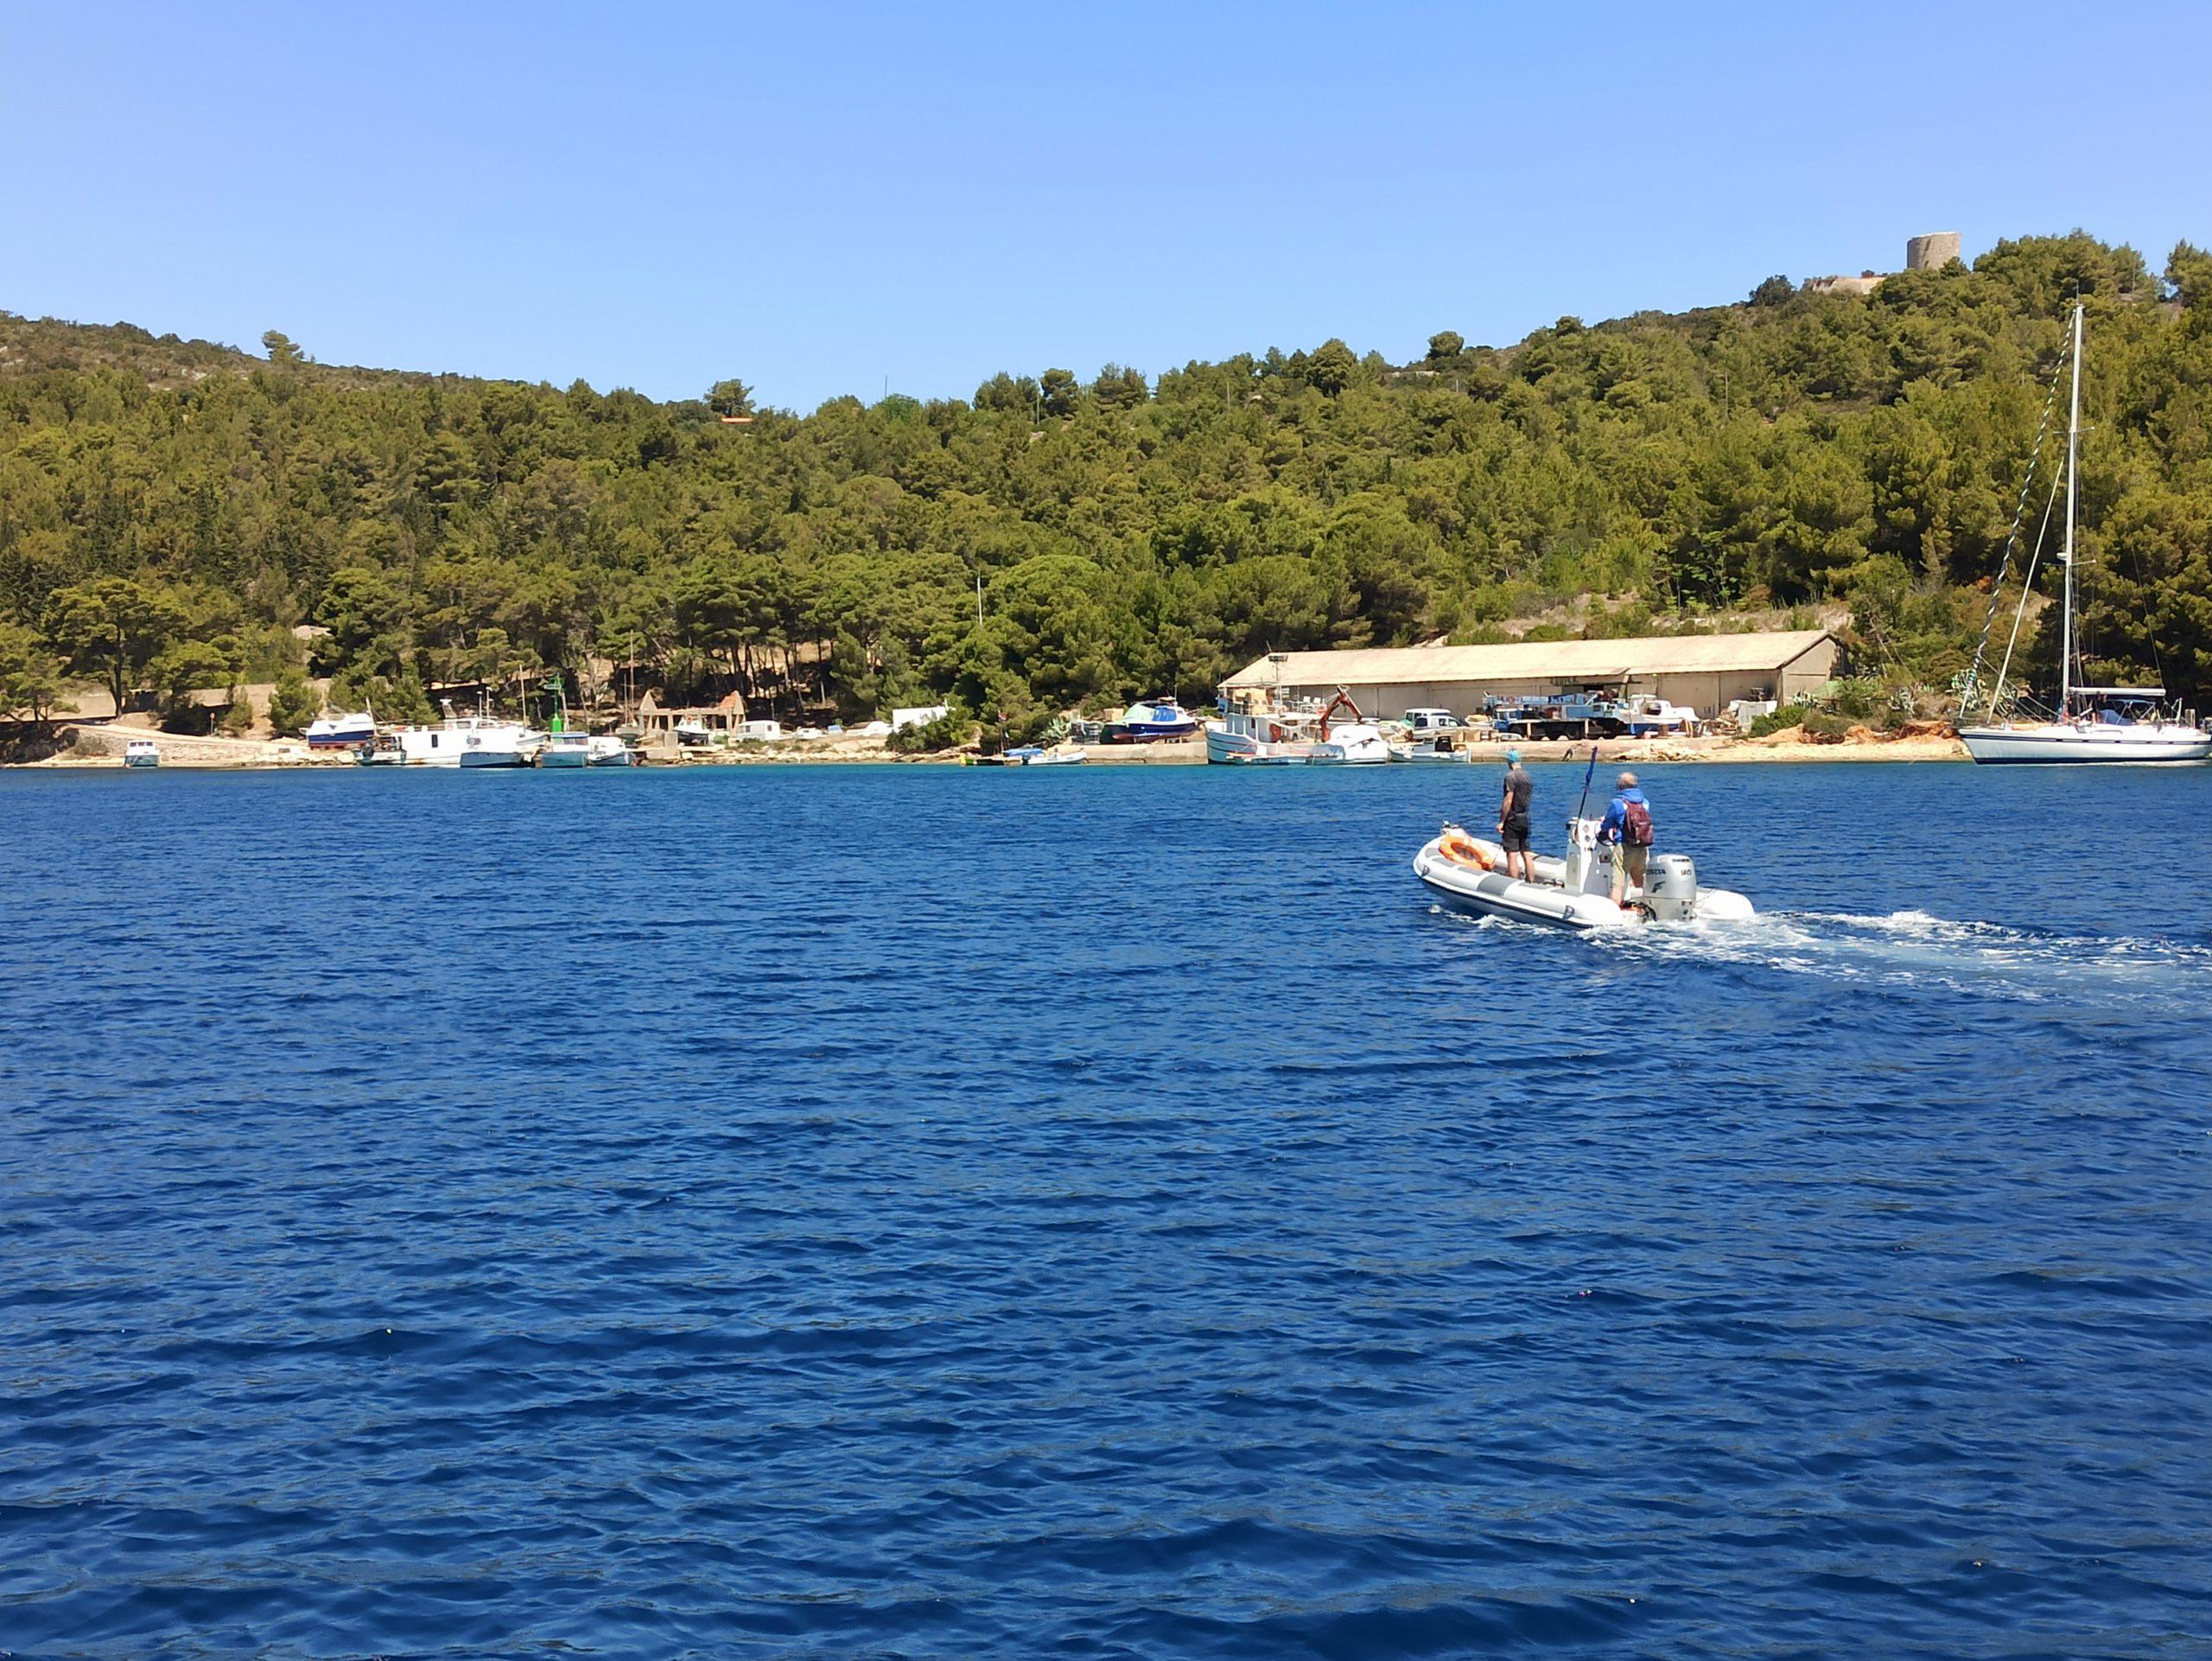 Sezon nurkowy w Chorwacji w pełni! -